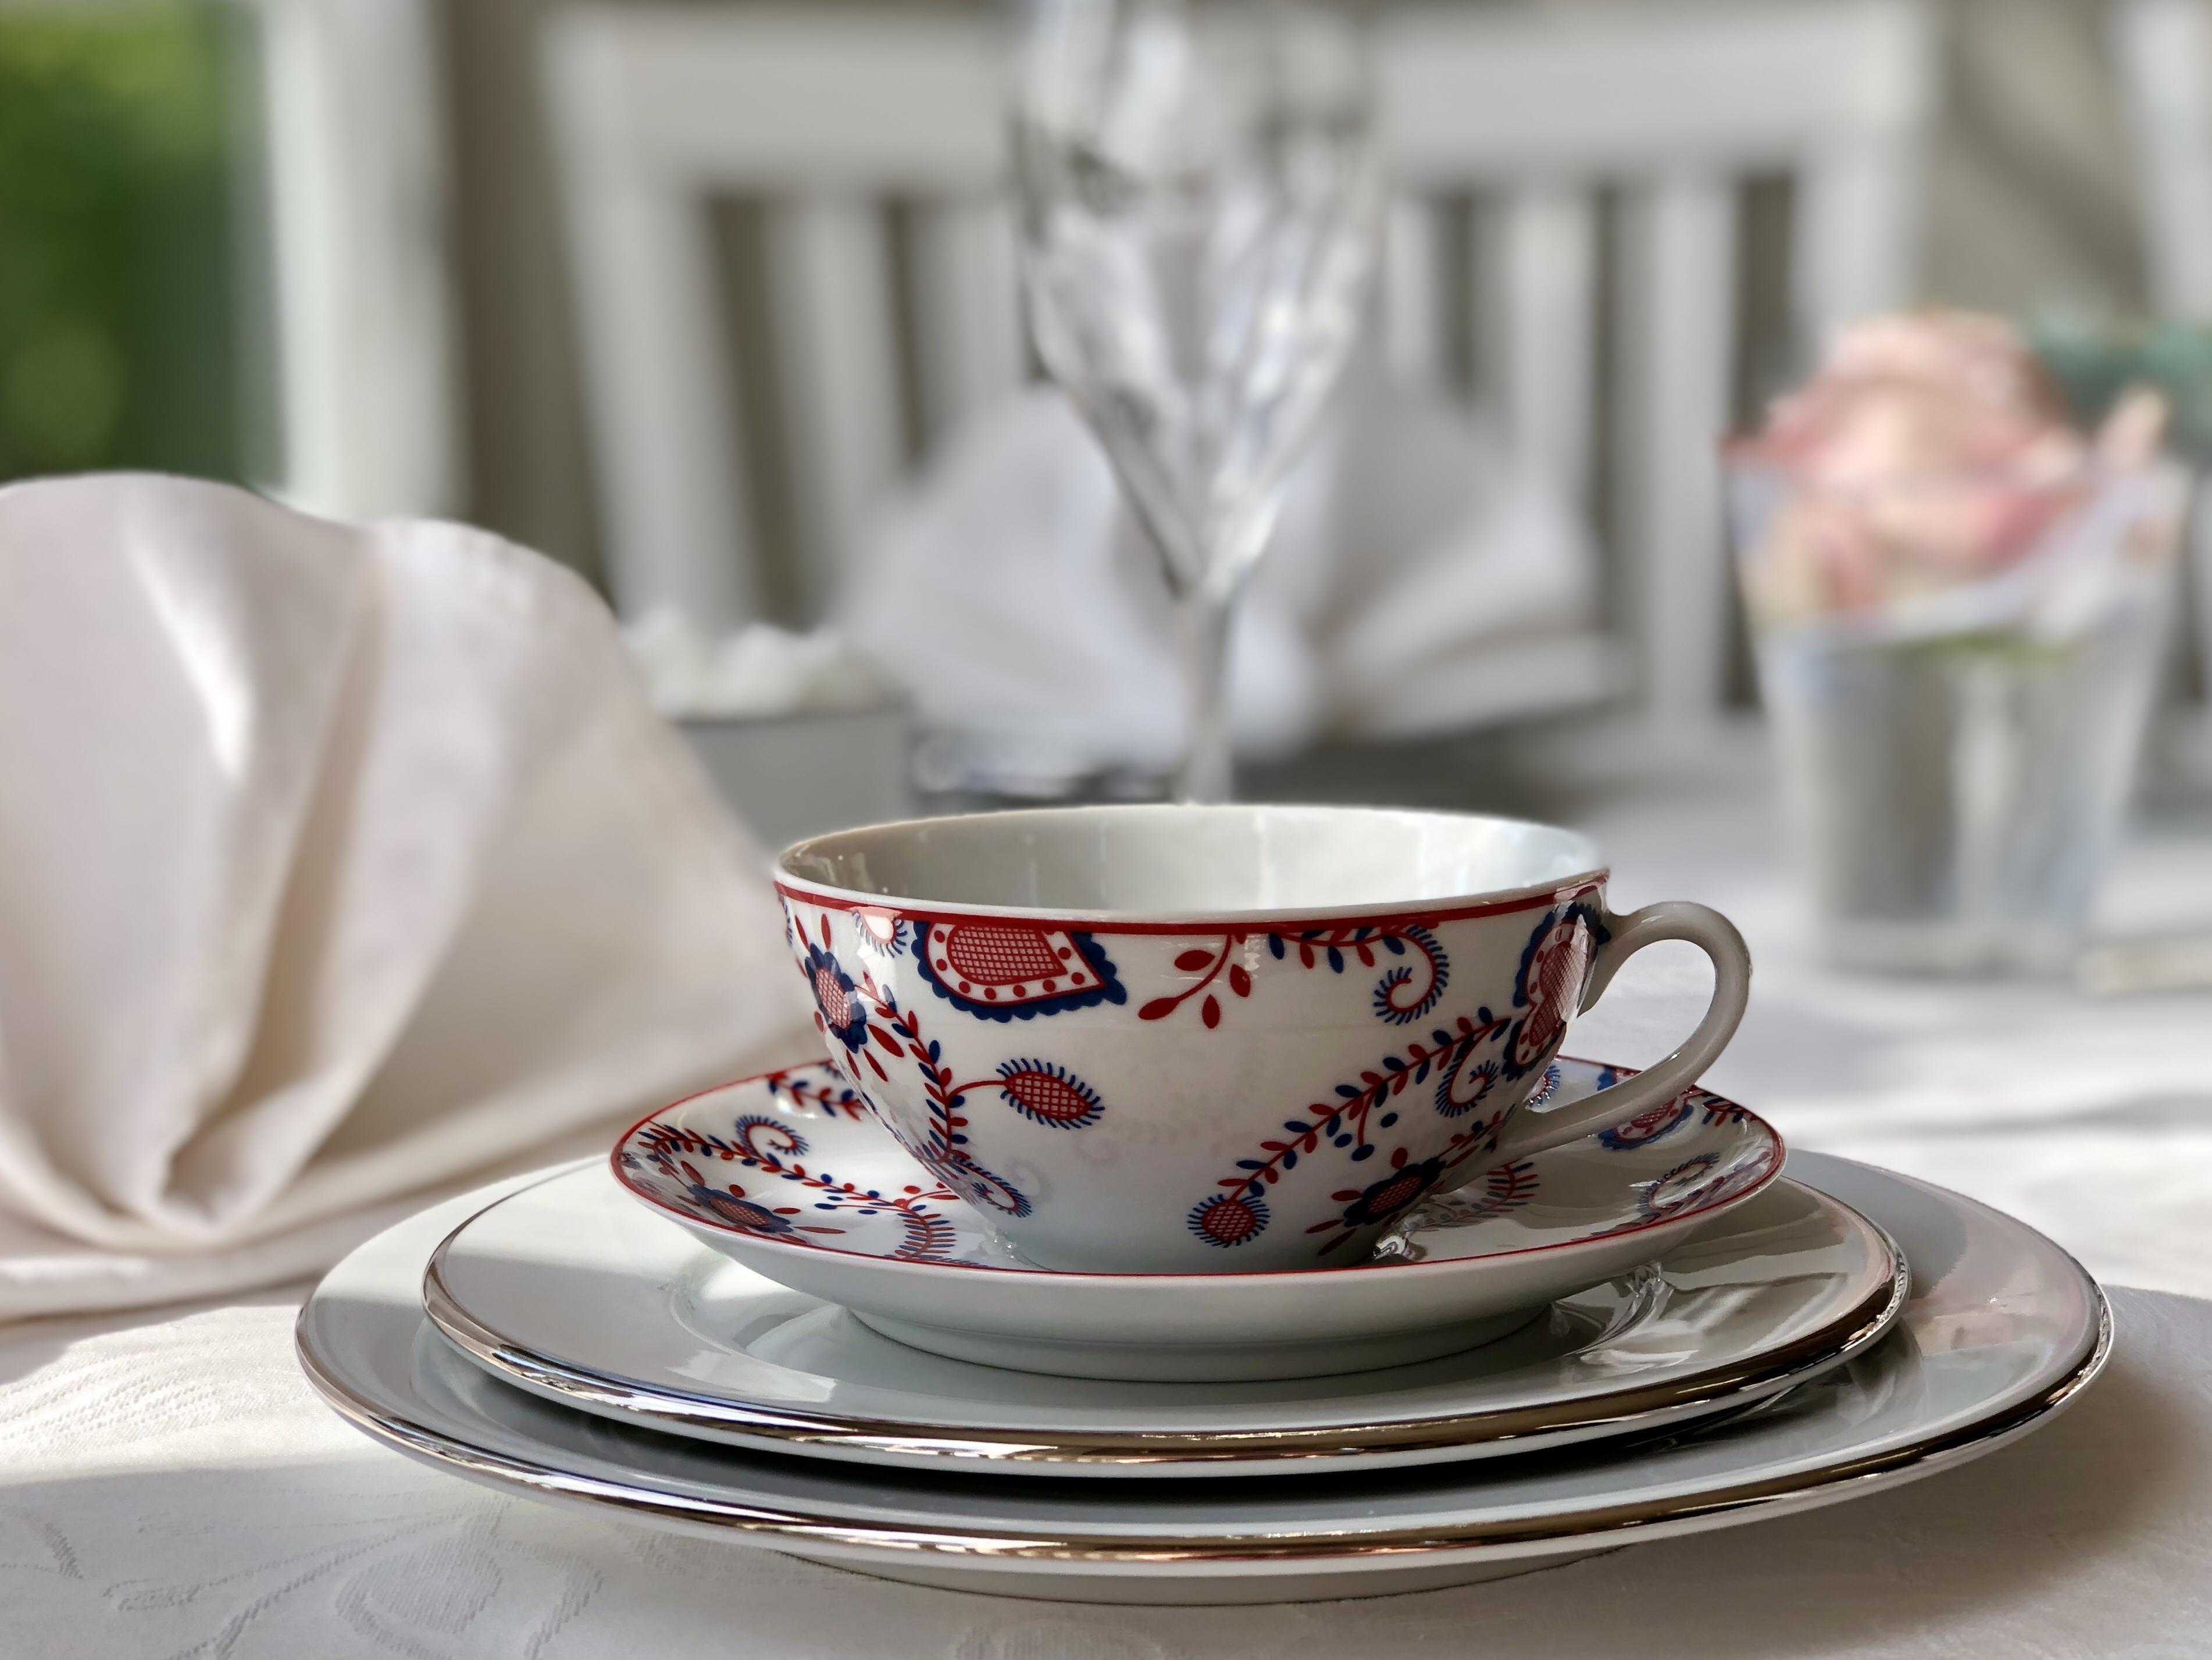 Duka Afternoon Tea Vista Alegre